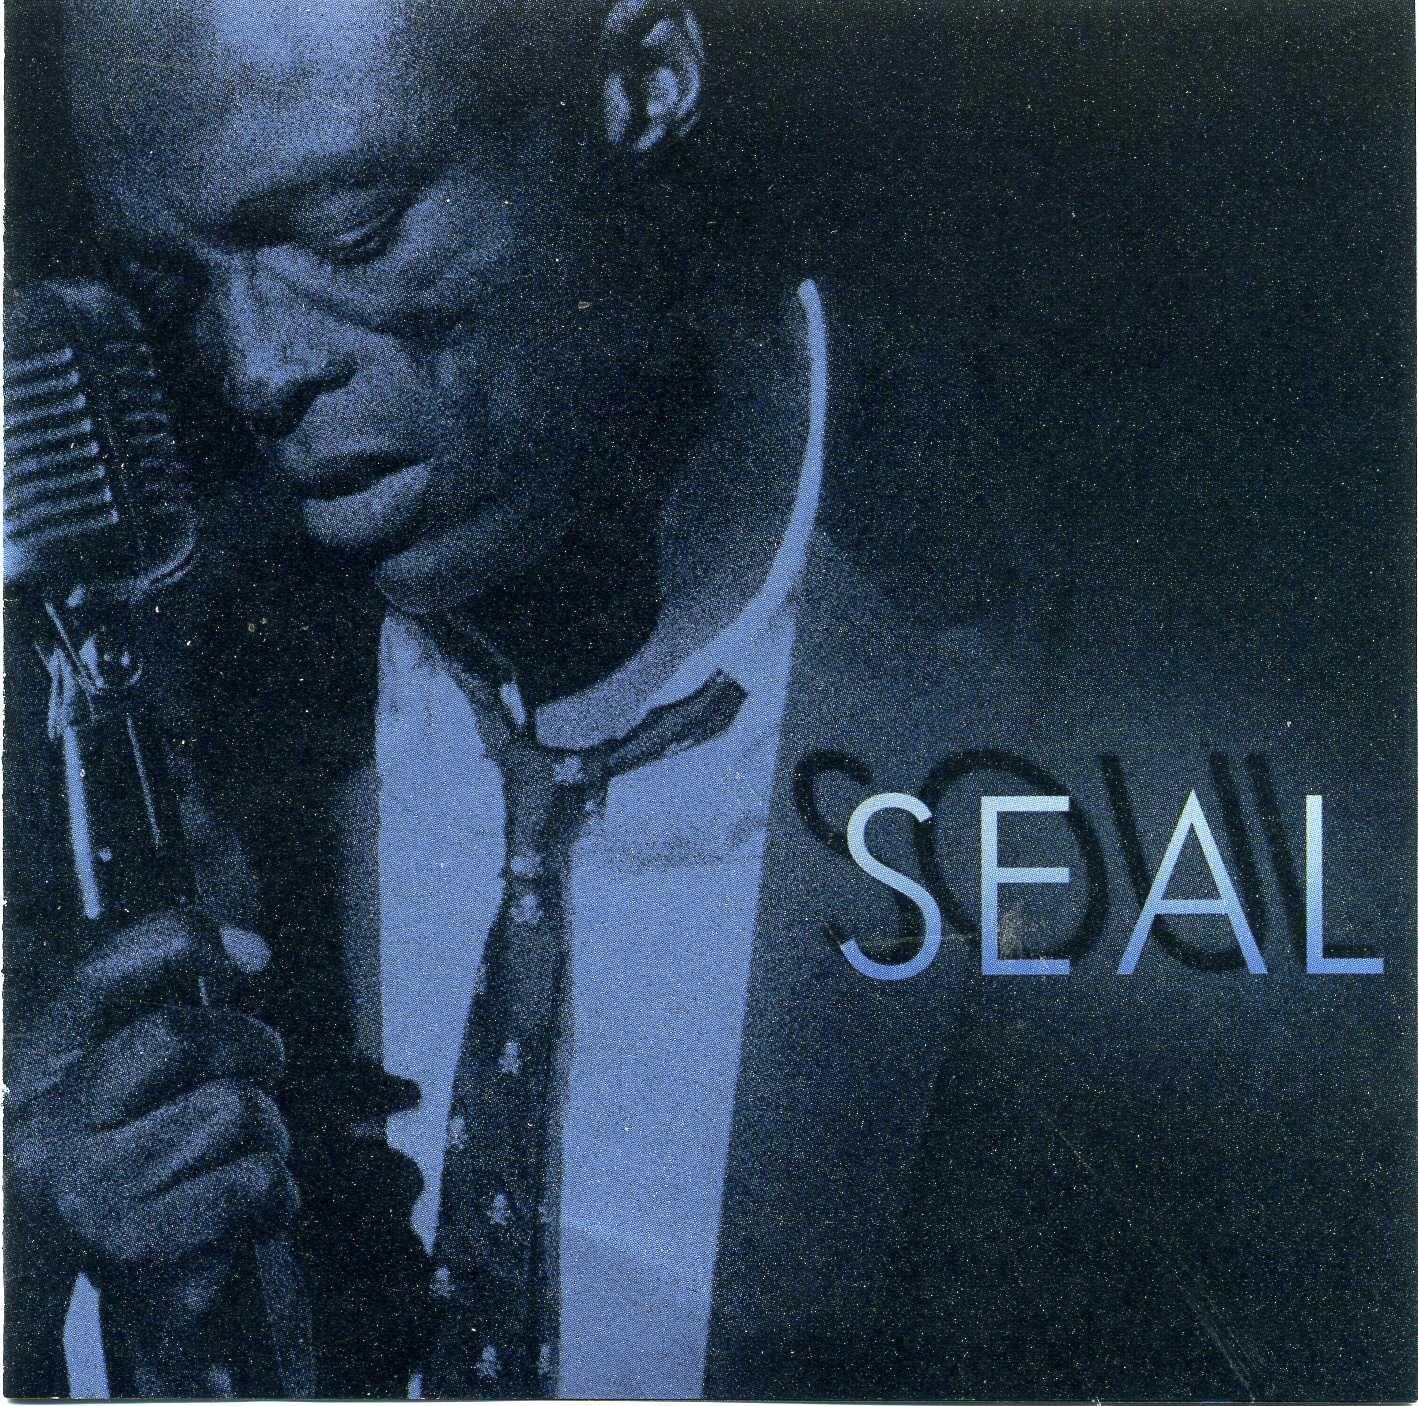 Seal - Soul album cover